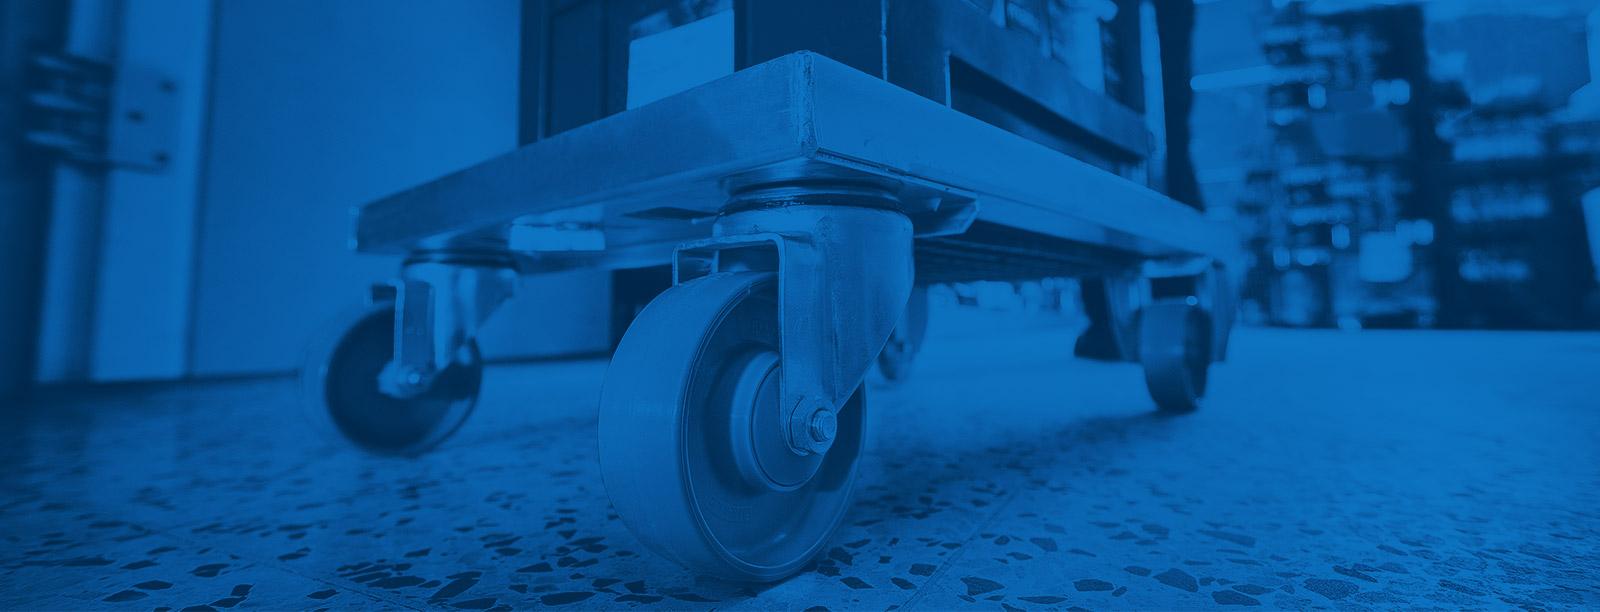 Manner teollisuuspyörät ovat mainio valinta logistiikka-alalle